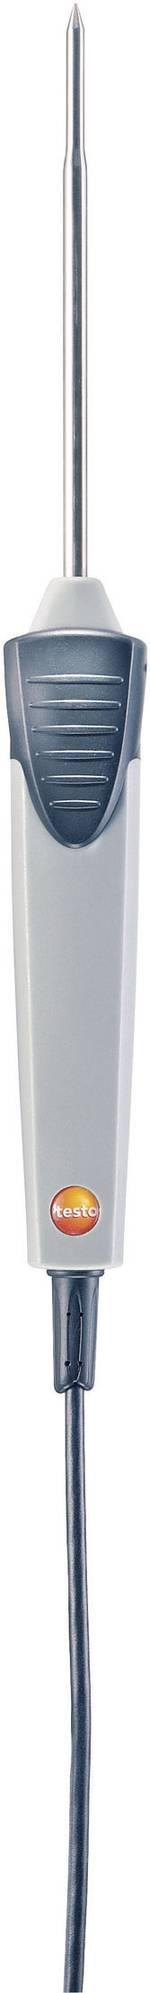 Sonde de pénétration pour thermomètre Testo 925